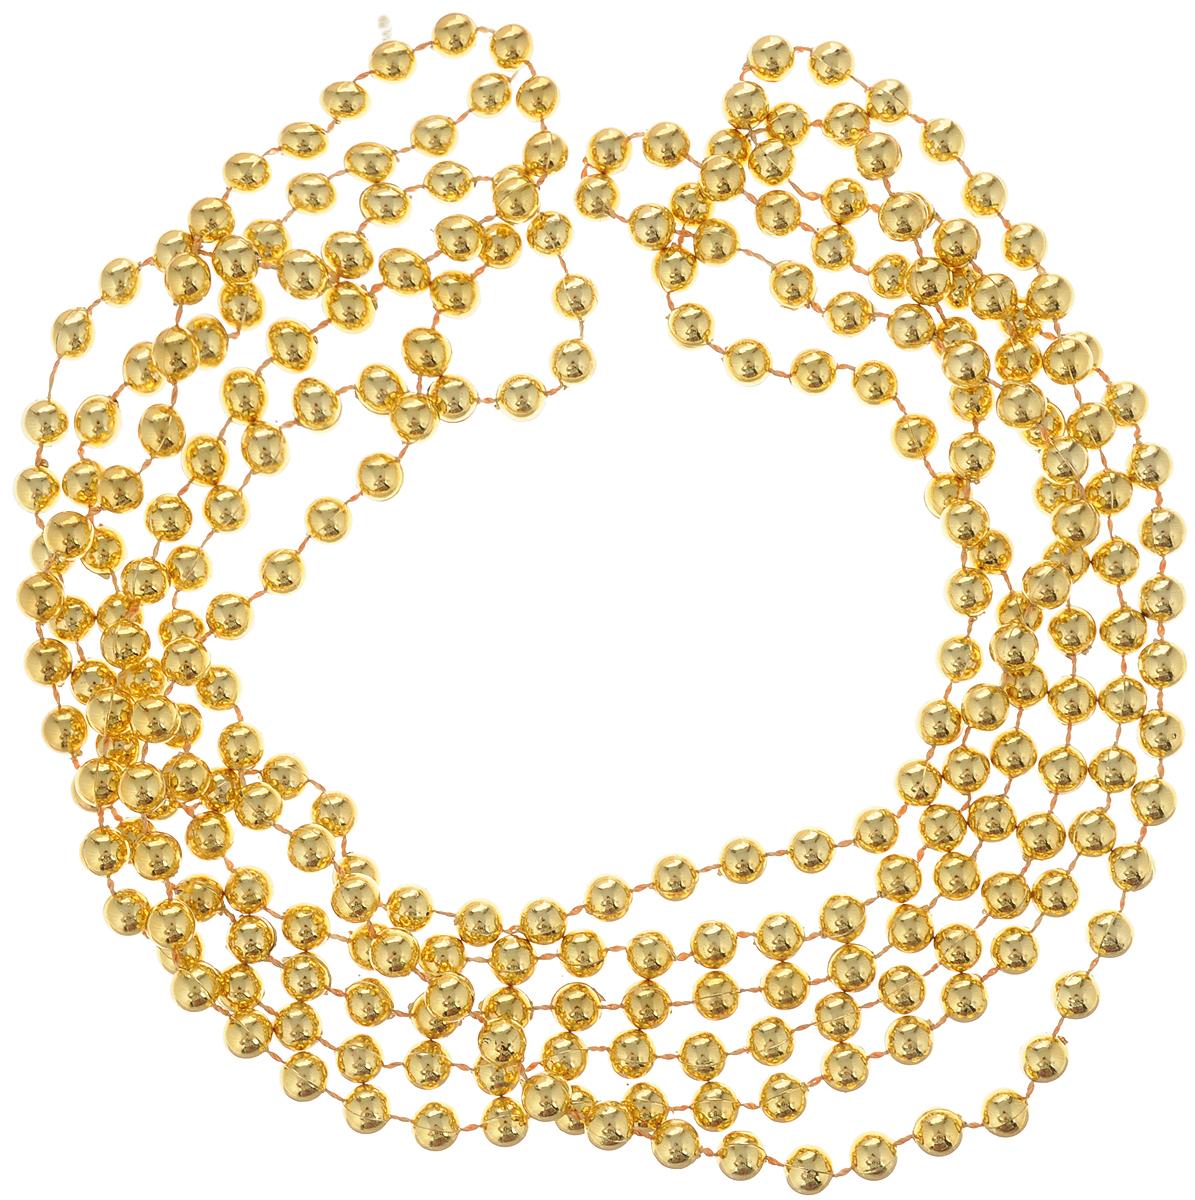 Гирлянда новогодняя Magic Time Бусы с золотыми шариками, 2,7 м38679Новогодняя гирлянда Magic Time Бусы с золотыми шариками, выполненная из полистирола, украсит интерьер вашего дома или офиса в преддверии Нового года. Гирлянда представляет собой бусины на нити. Оригинальный дизайн и красочное исполнение создадут праздничное настроение. Новогодние украшения всегда несут в себе волшебство и красоту праздника. Создайте в своем доме атмосферу тепла, веселья и радости, украшая его всей семьей. Диаметр бусины: 5 мм.